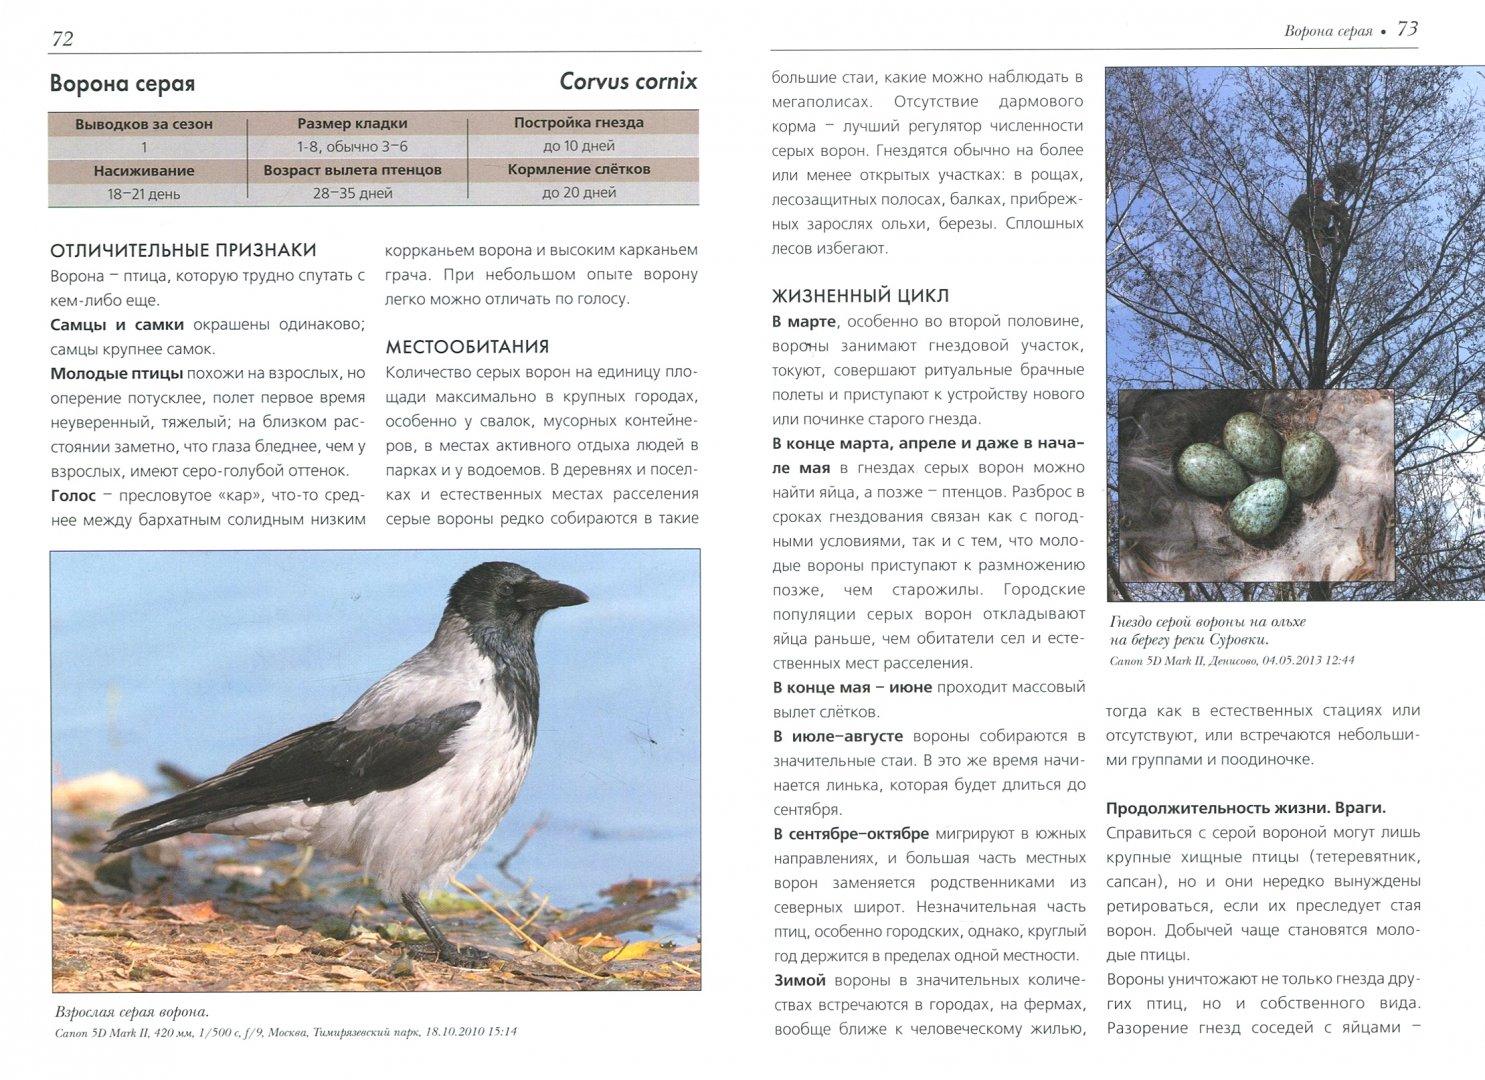 Иллюстрация 1 из 45 для Жизнь и поведение птиц - Василий Вишневский | Лабиринт - книги. Источник: Лабиринт